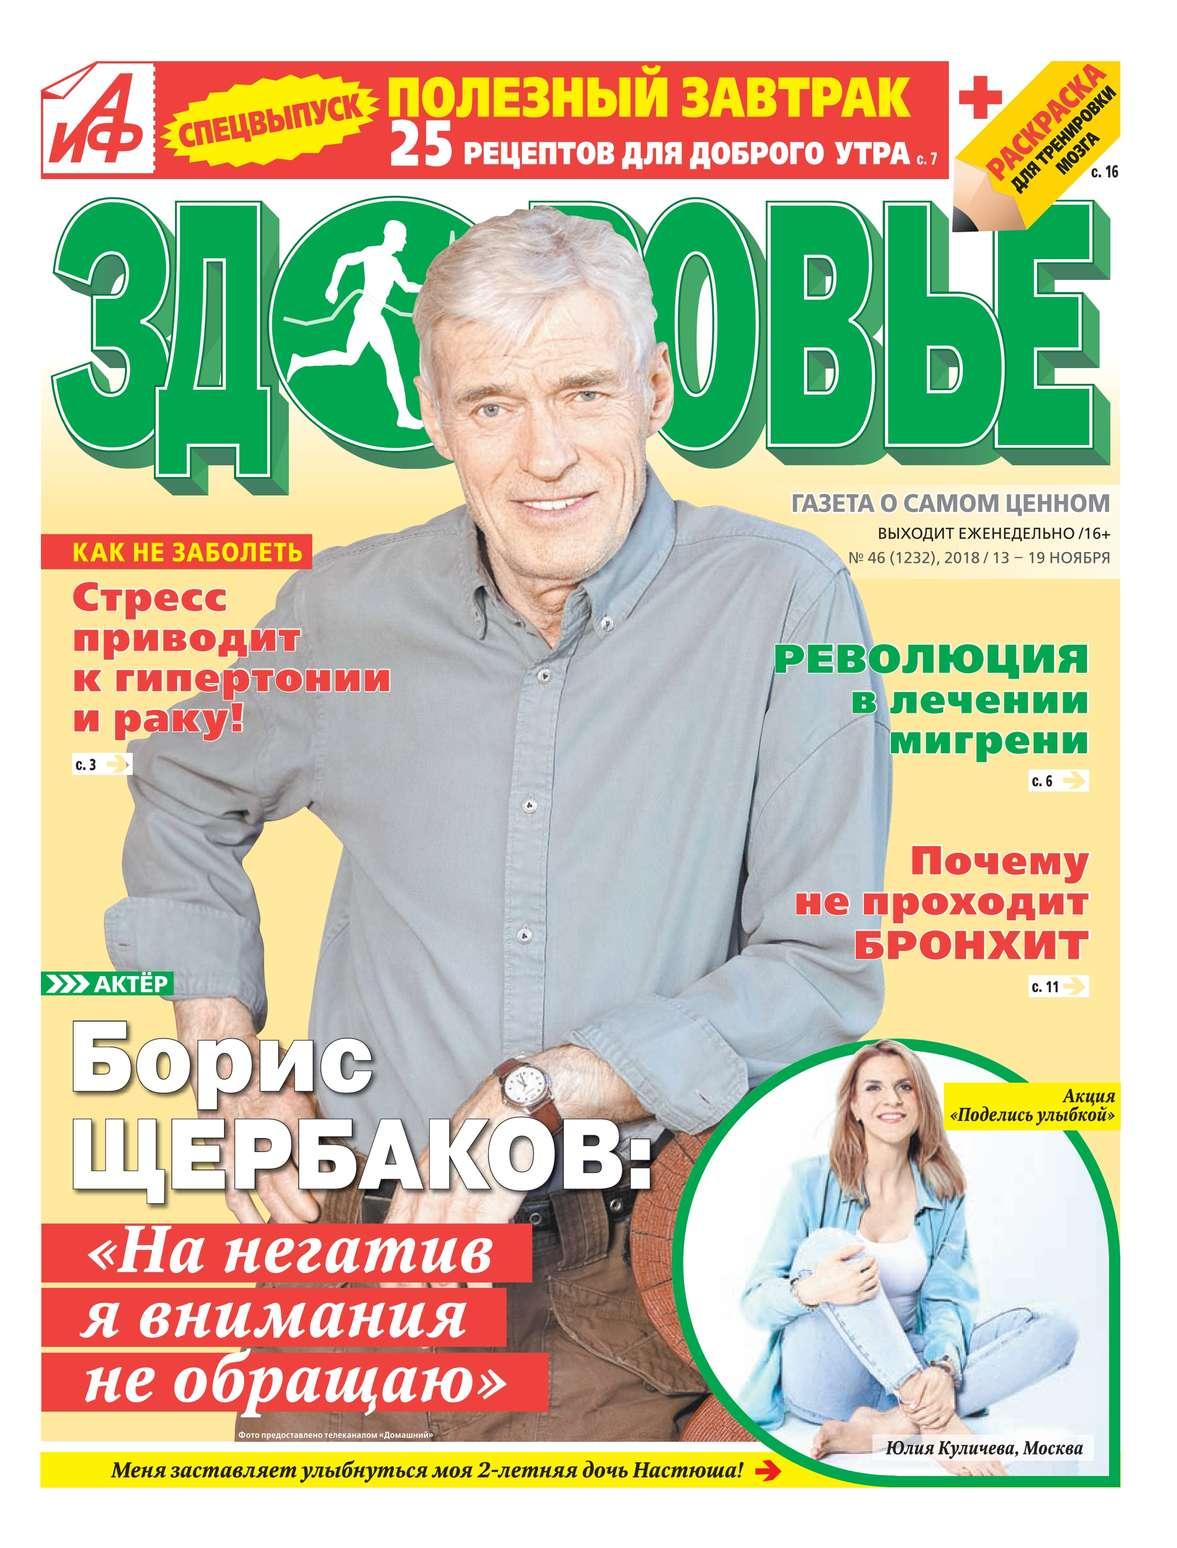 Редакция газеты Аиф. Здоровье Аиф. Здоровье 46-2018 здоровье